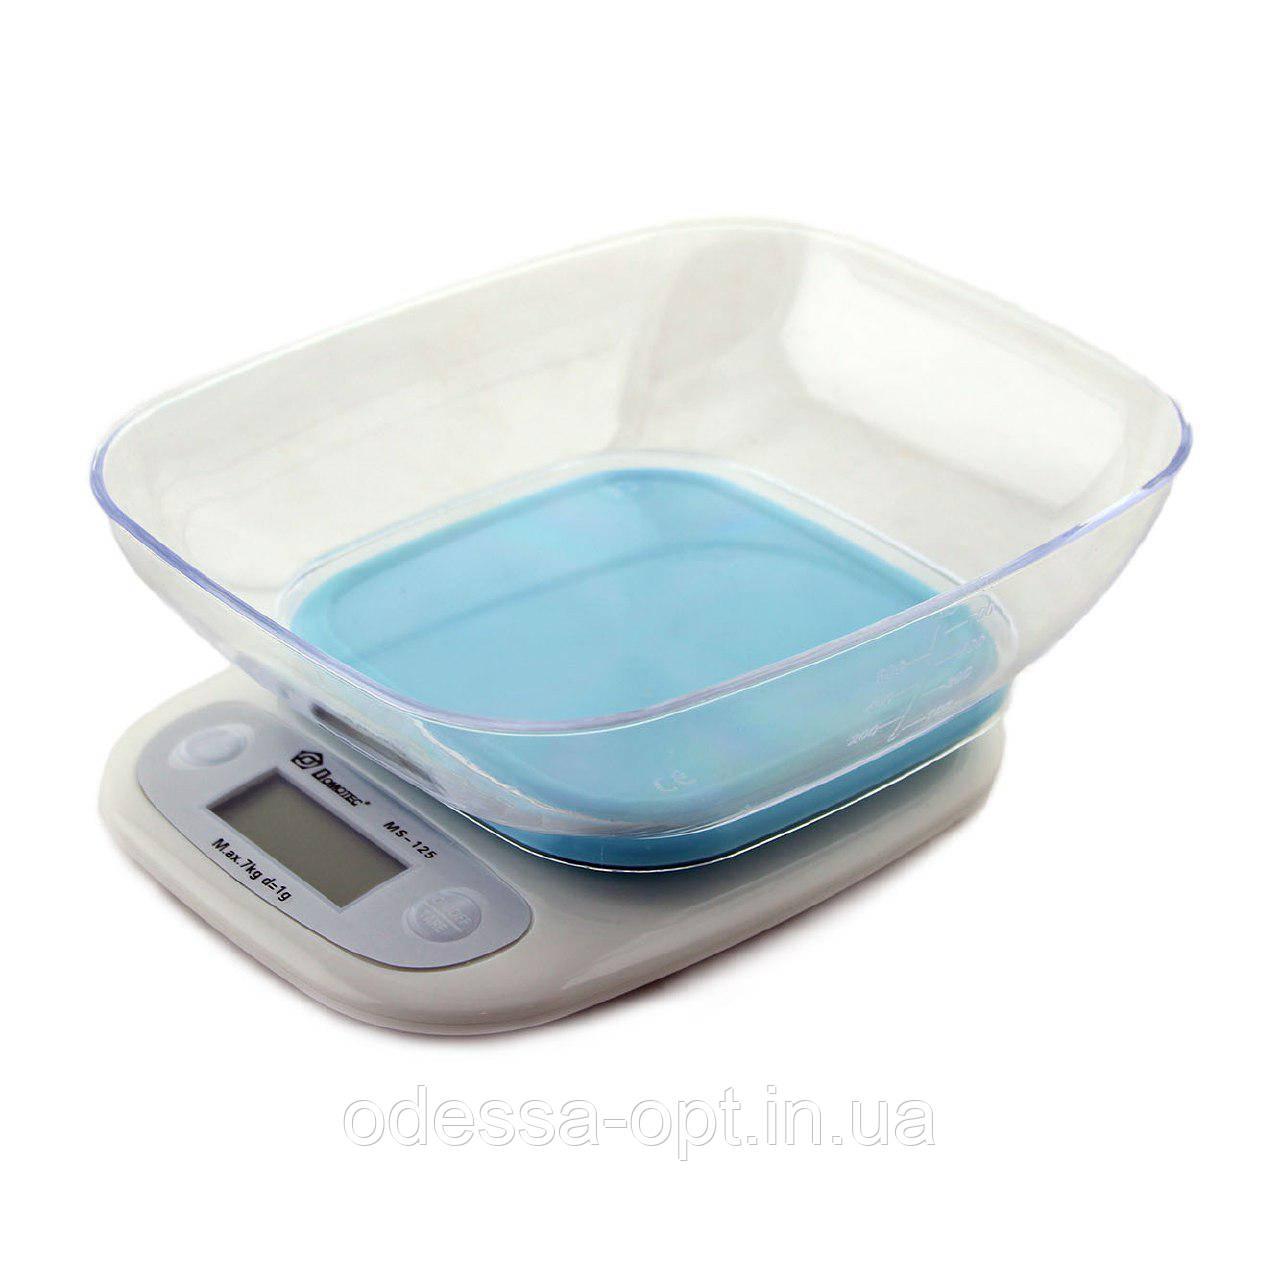 Весы Domotec MS 125 7kg